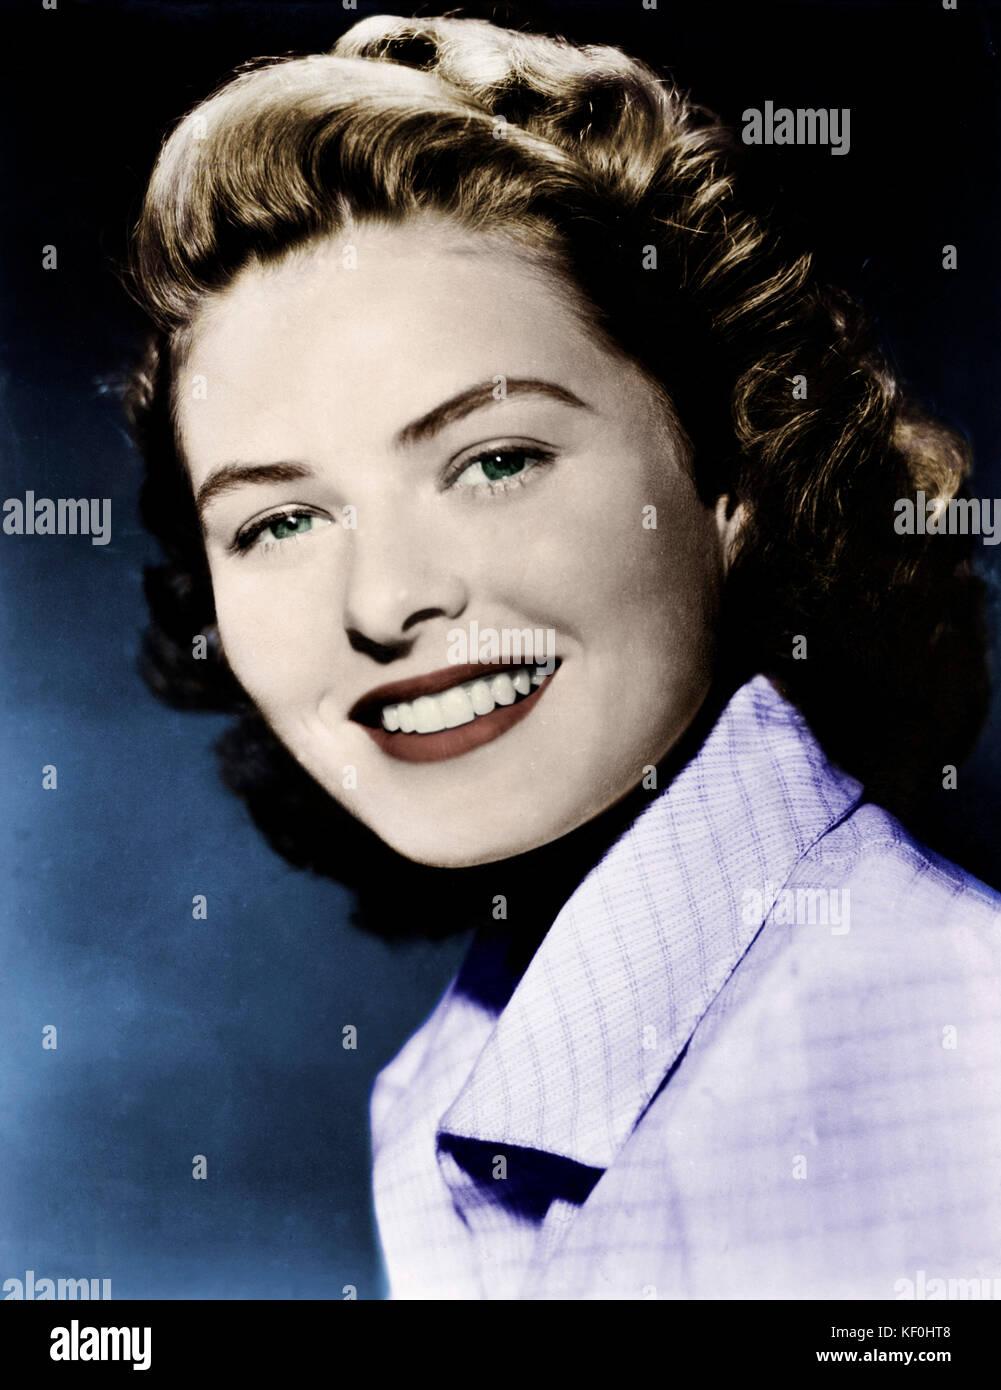 Ingrid Bergman - star du cinéma suédois. 29 août 1915 - 29 août 1982. Publicité photo. Banque D'Images